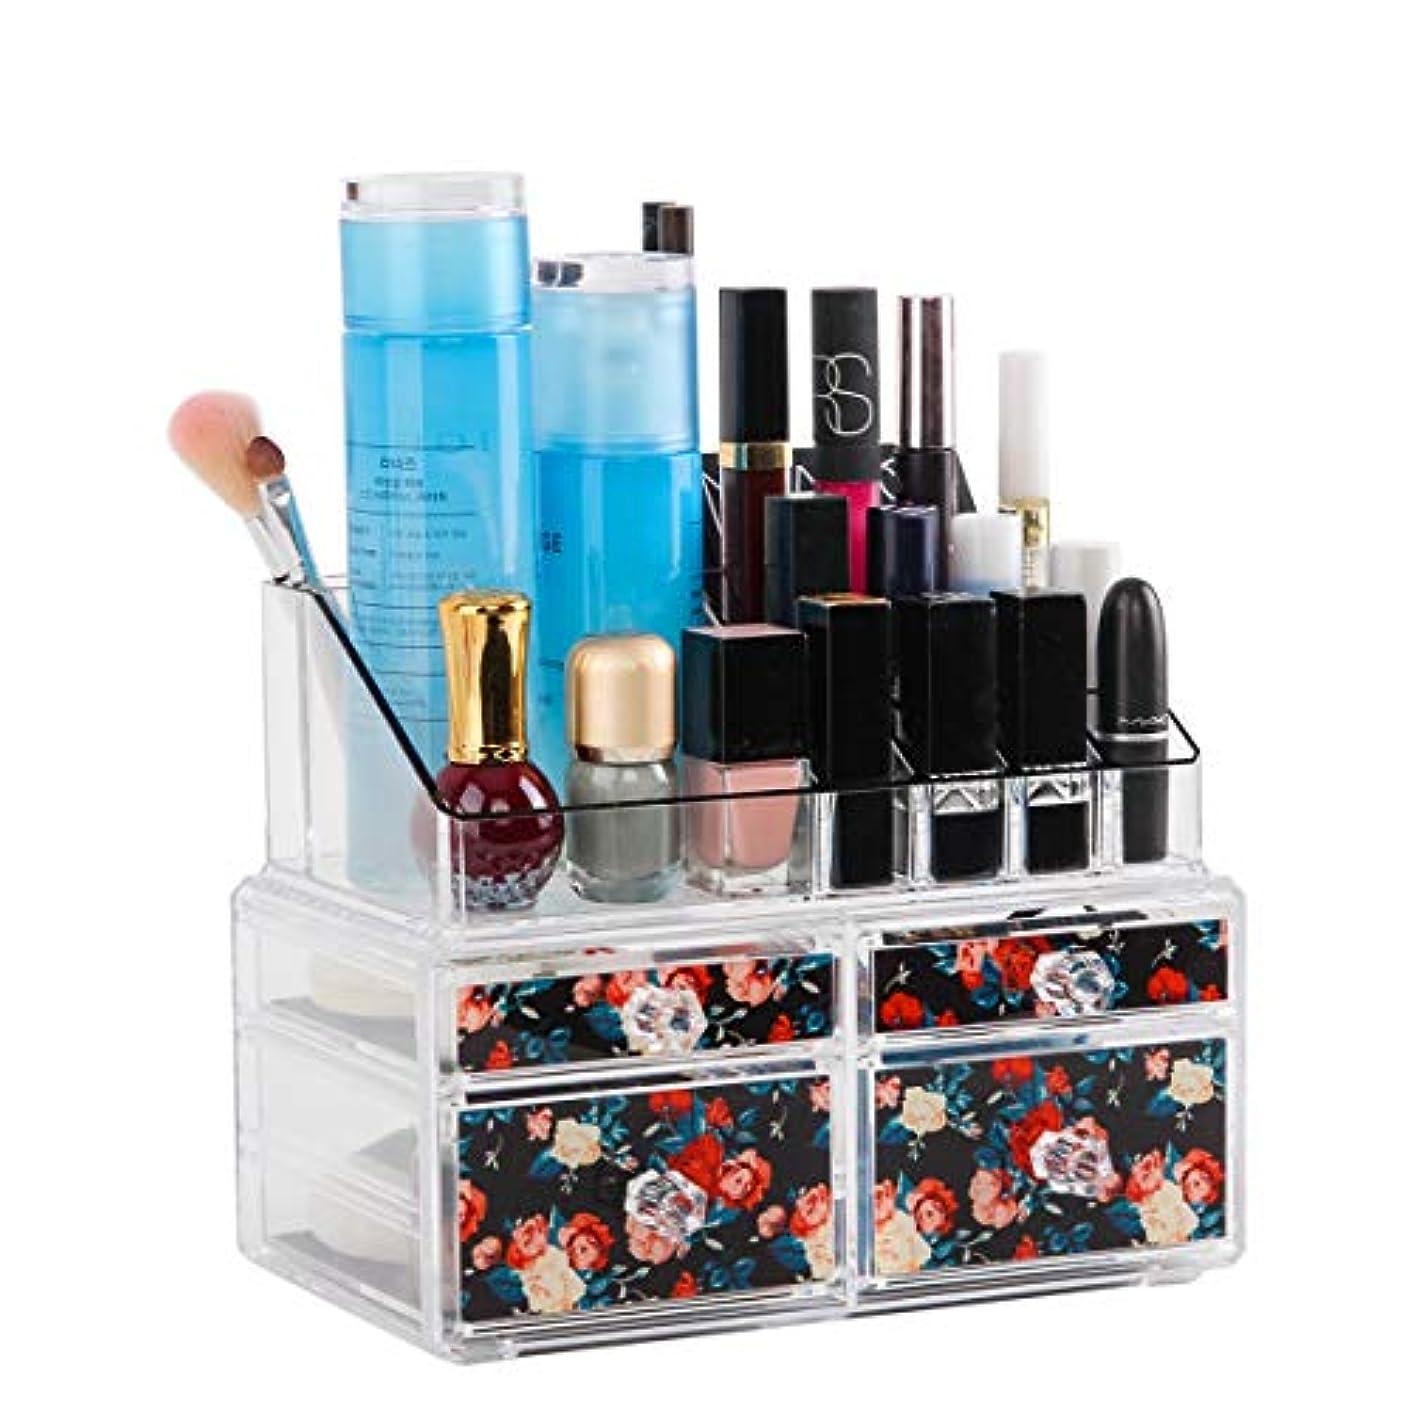 アルカトラズ島パシフィック真実ROCKYKEY 化粧品収納ボックス 透明 メイクケース コスメ収納スタンド 小物入れ引き出し メイク用品 化粧品入れ おしゃれ 強い耐久性 透明アクリル (化粧品収納ボックス)